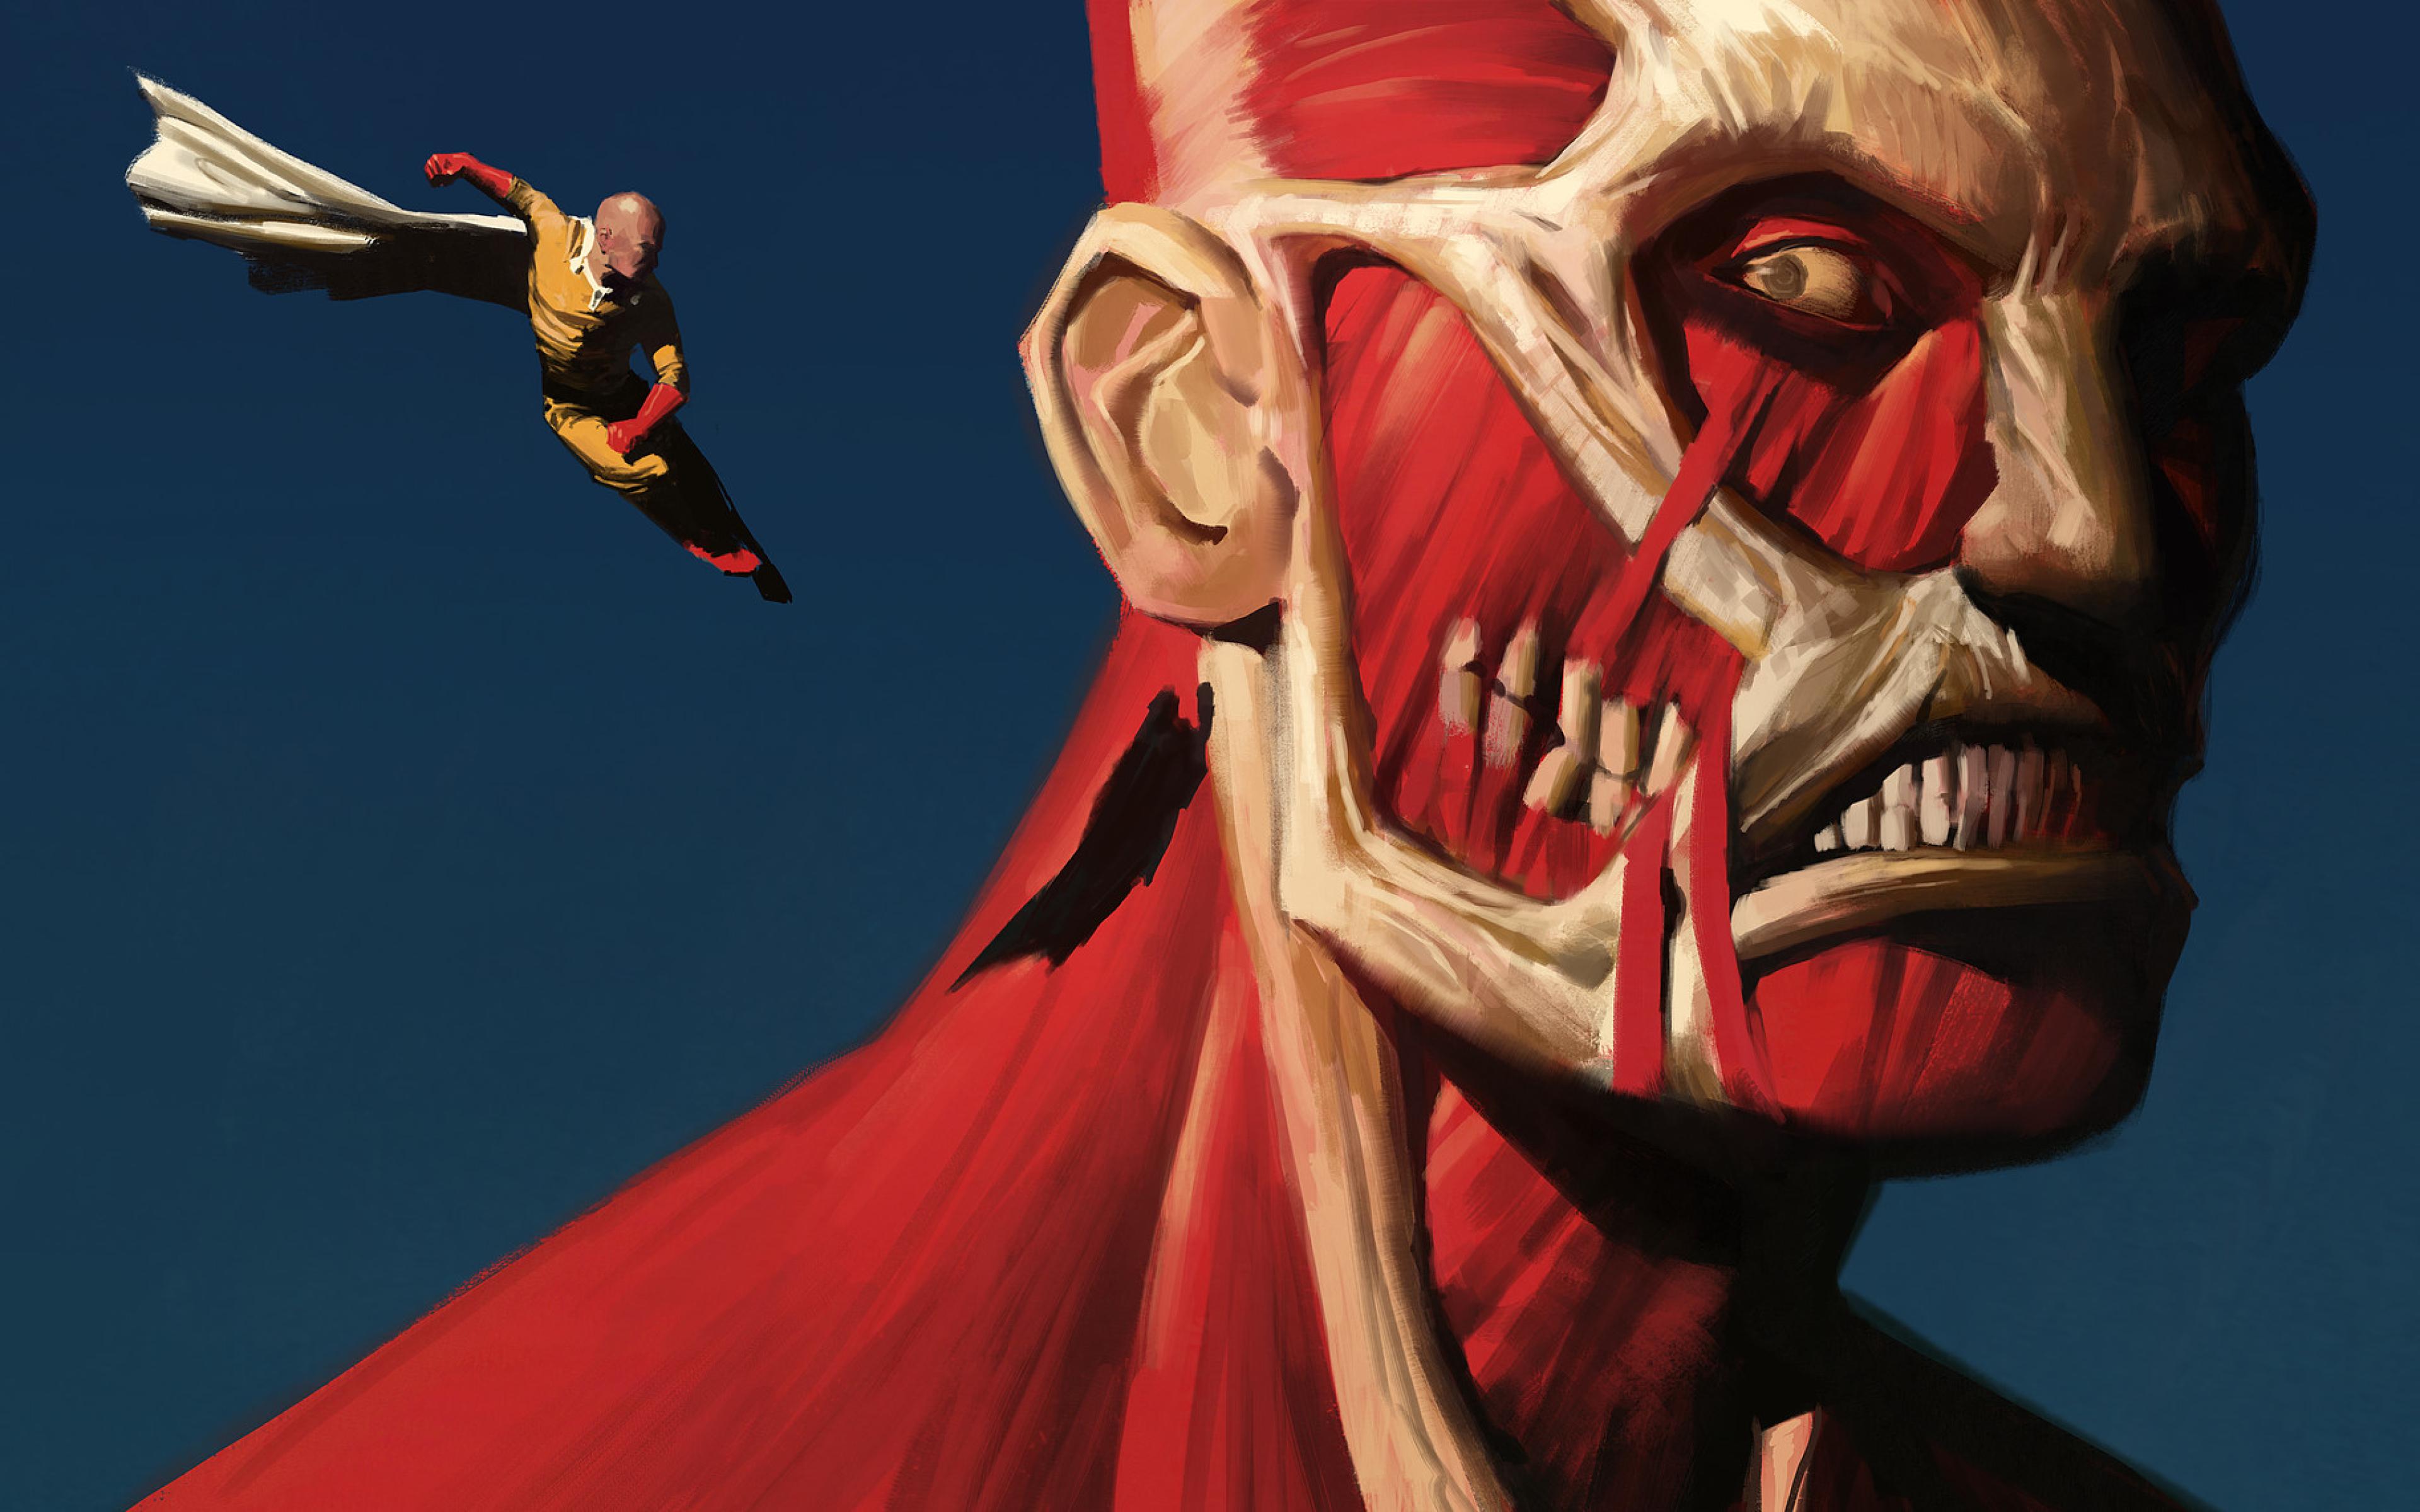 Download One Punch Man Shingeki No Kyojin Saitama 320x480 Resolution